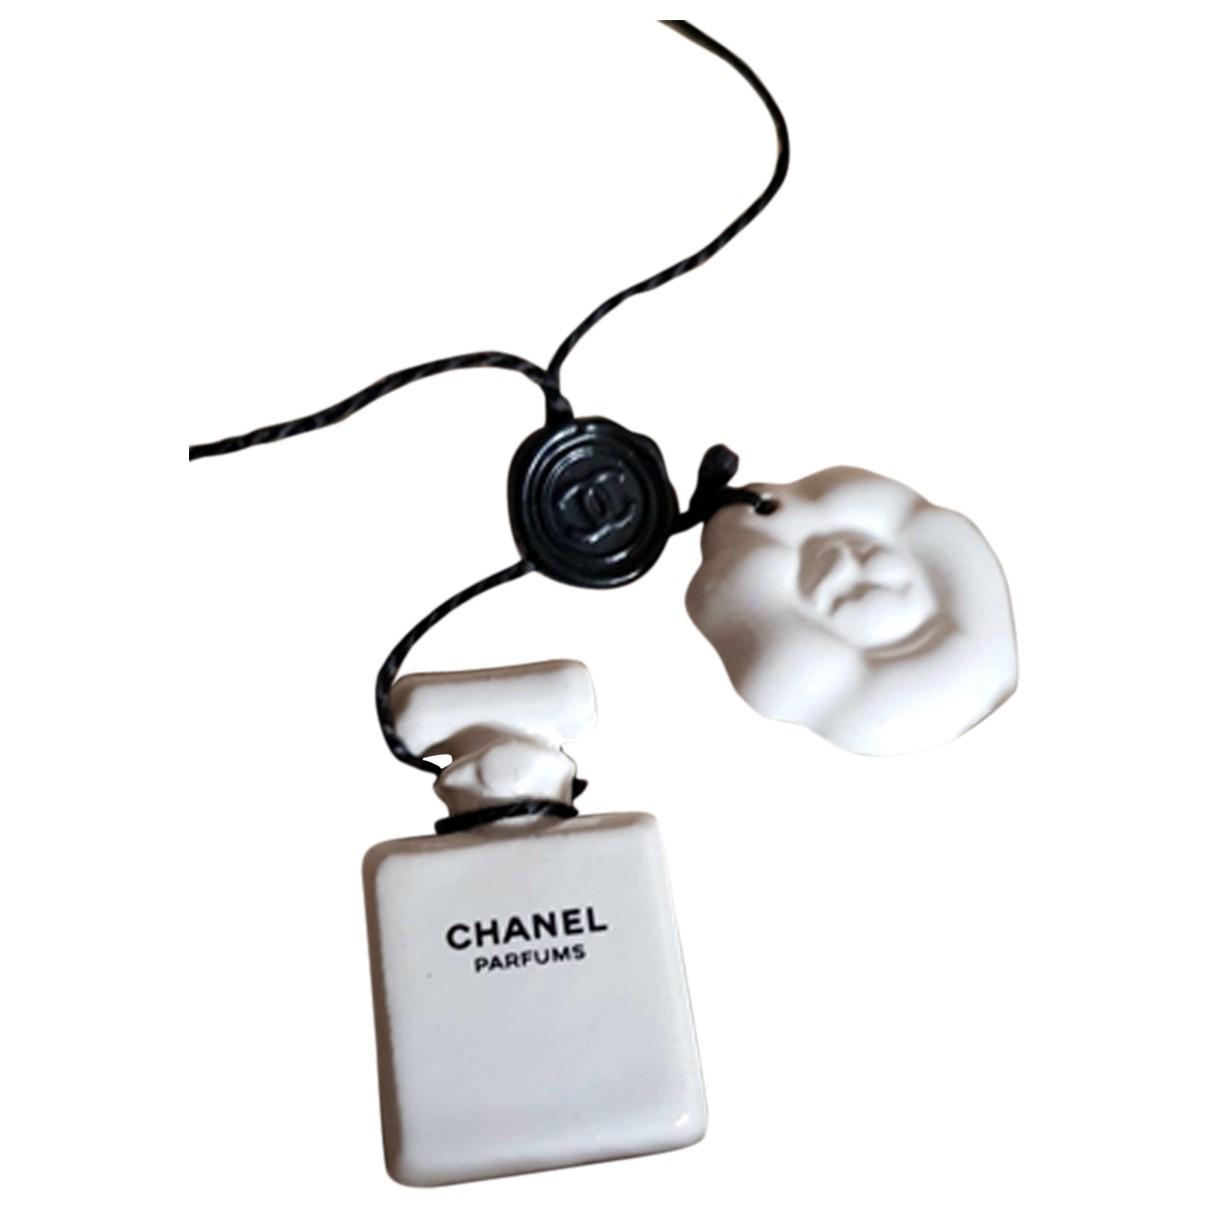 Chanel Camelia Taschenschmuck in  Weiss Keramik